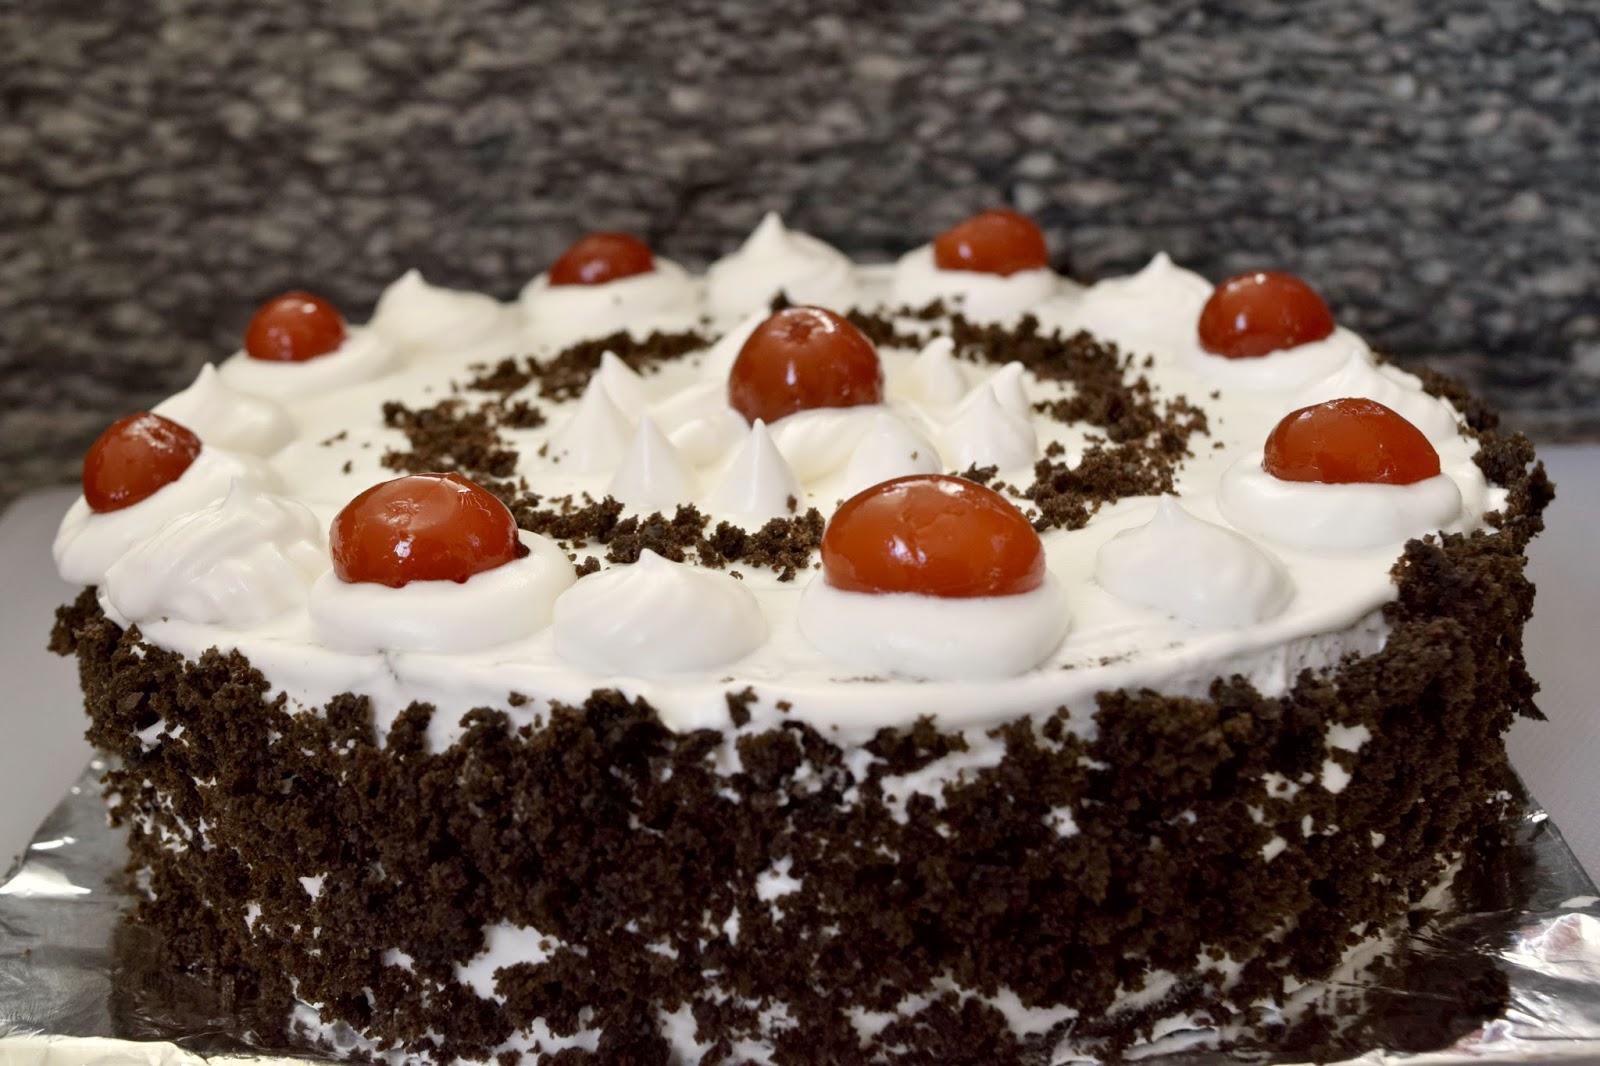 Cake Making Classes In Kolkata : 20+ [ Eggless Cake Near Me ] Chocolate Vermicelli Cake ...